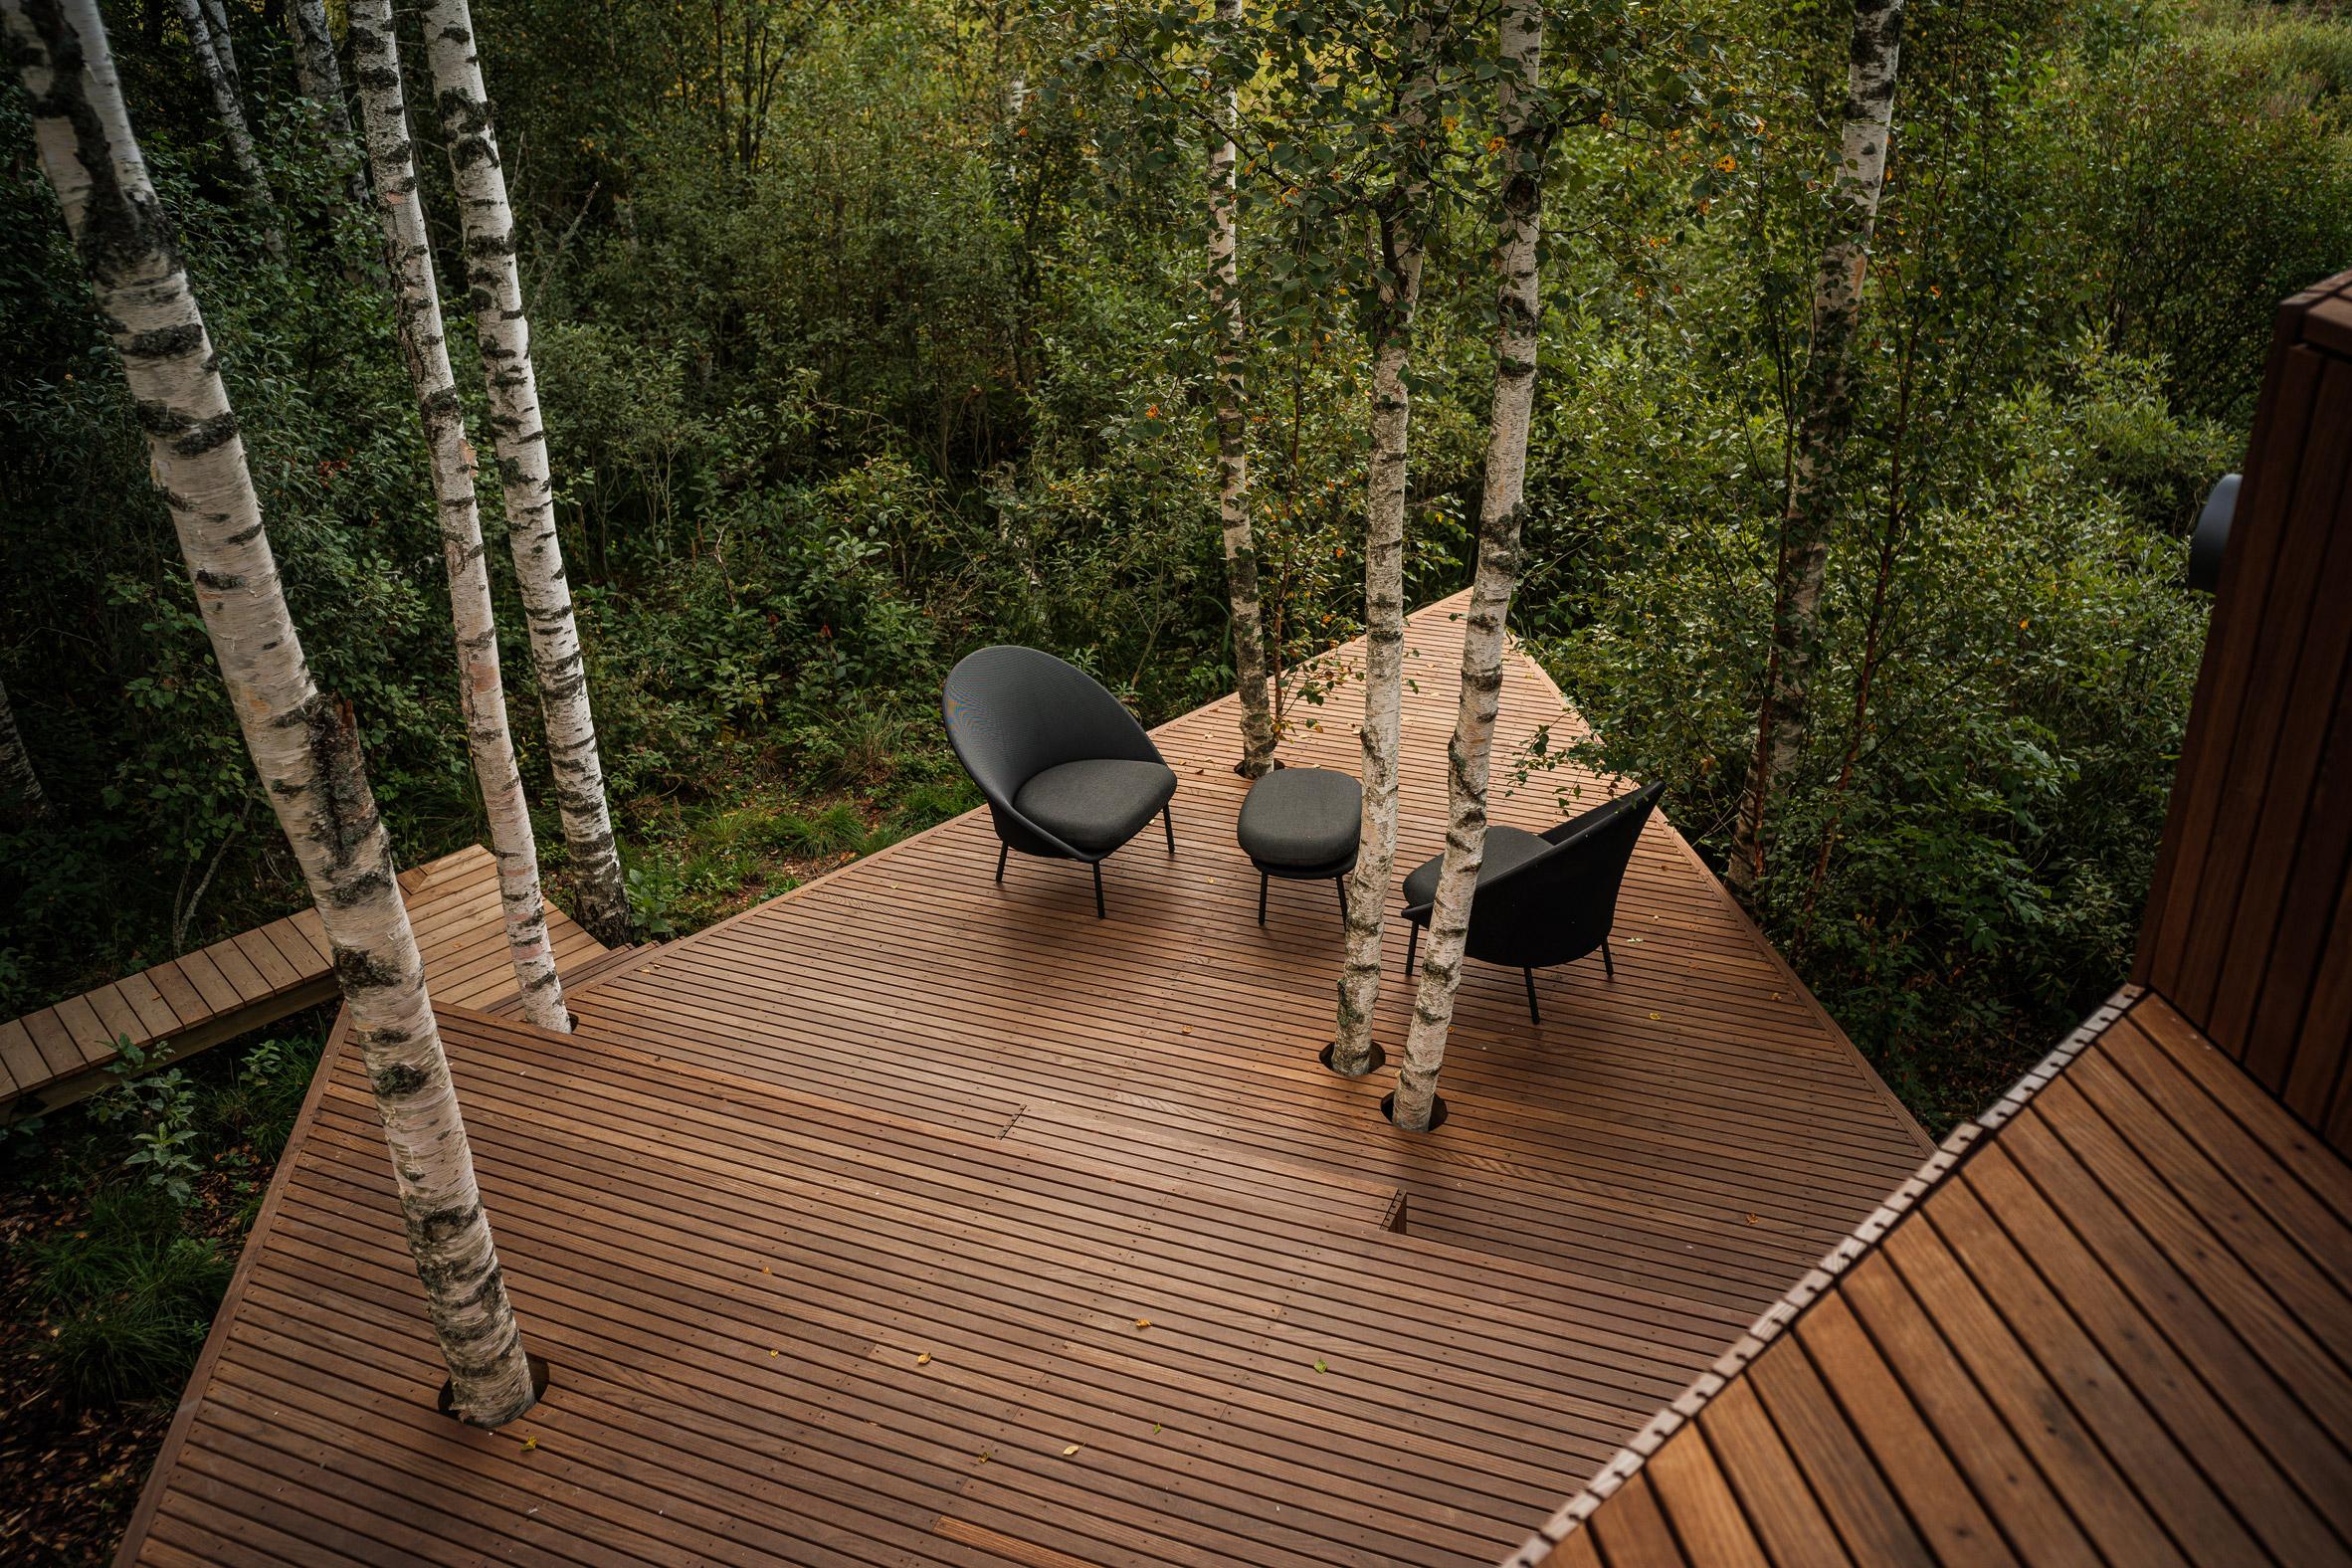 Dark wooden decking within woodland